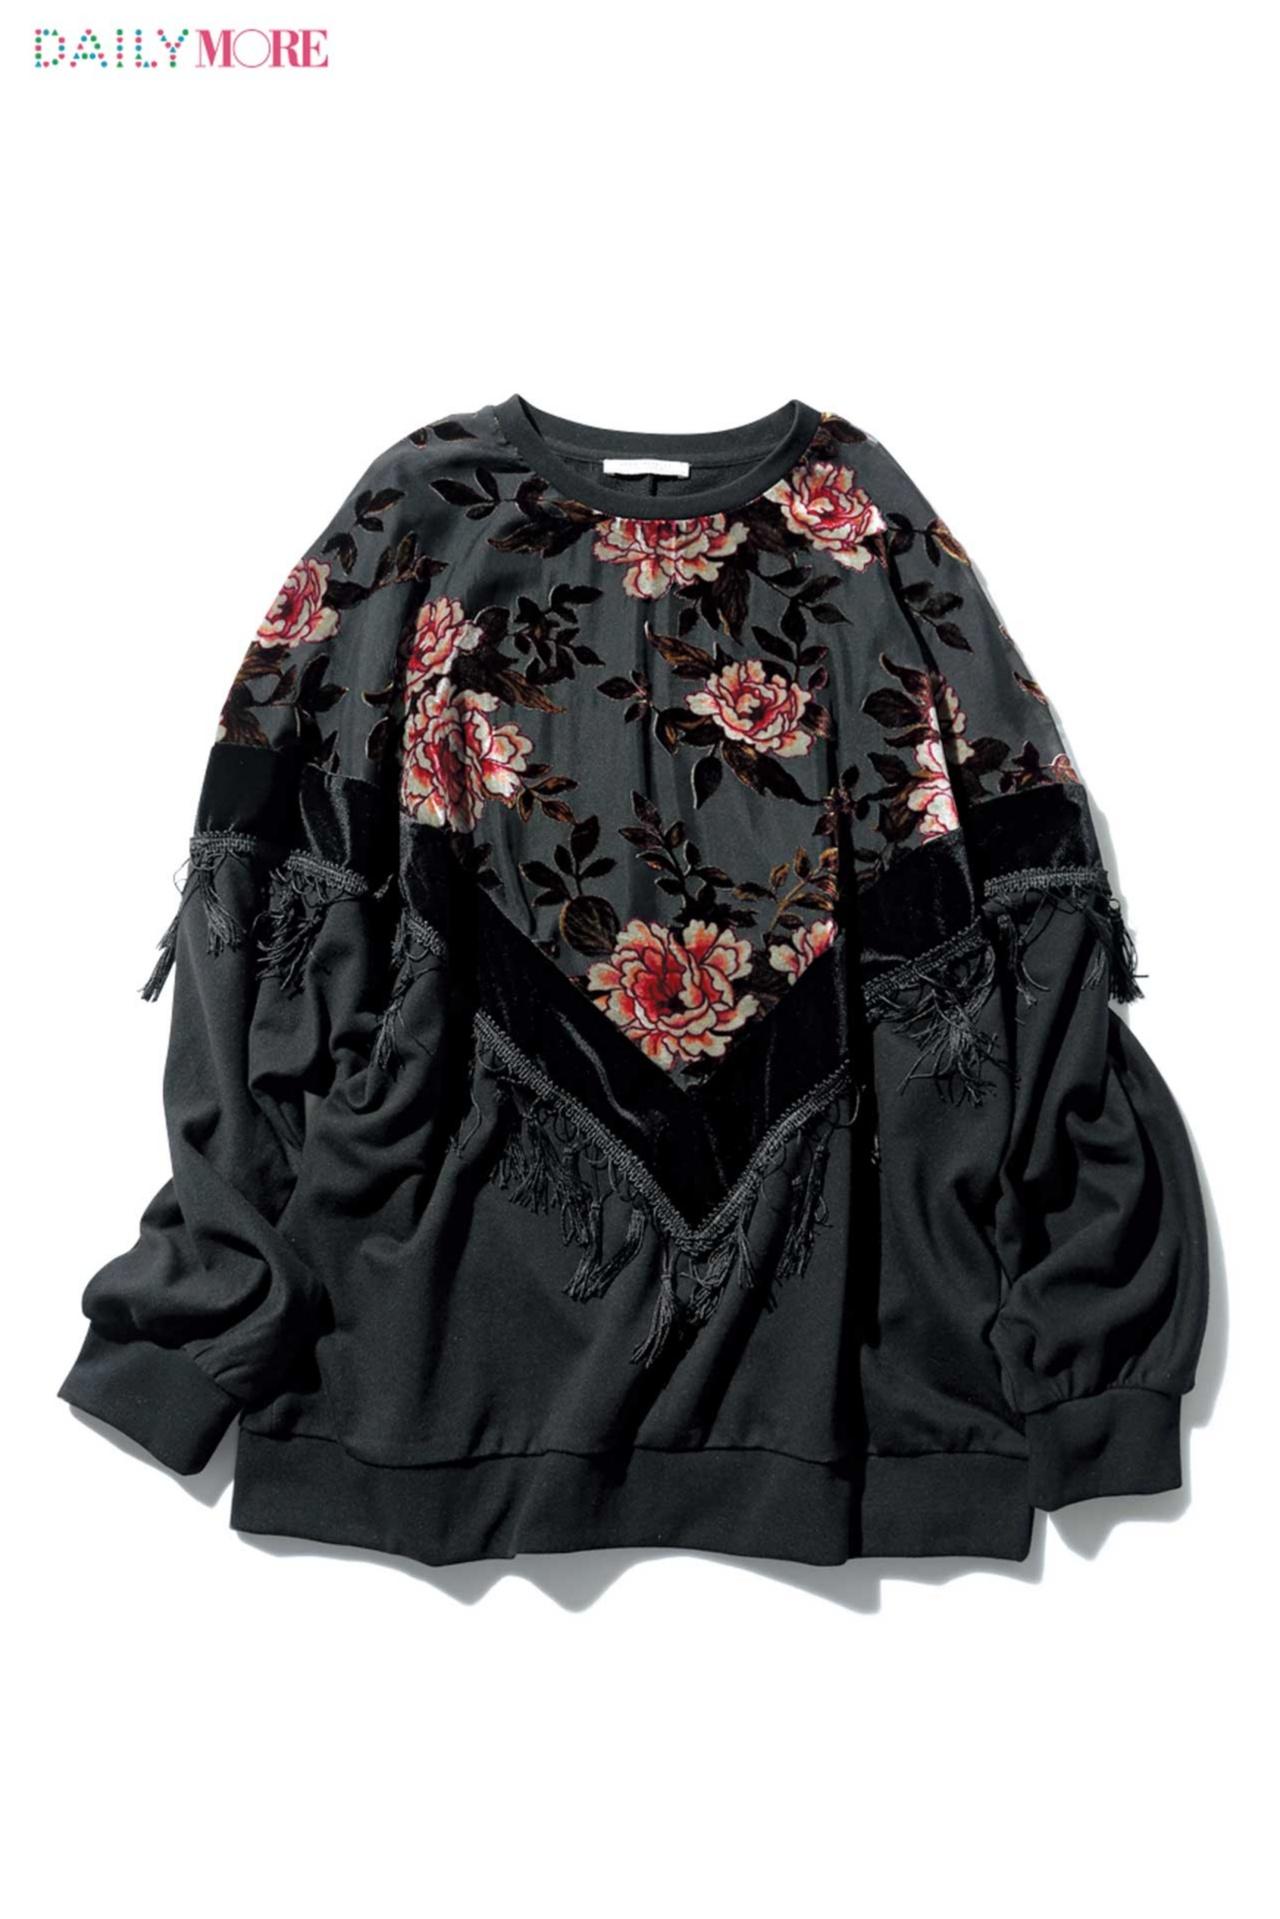 『ZARA』で秋服を本気買い! 1枚で様になるベロアトップスや、体がキレイに見えるチェックパンツを、around¥5000で手に入れて❤_1_1